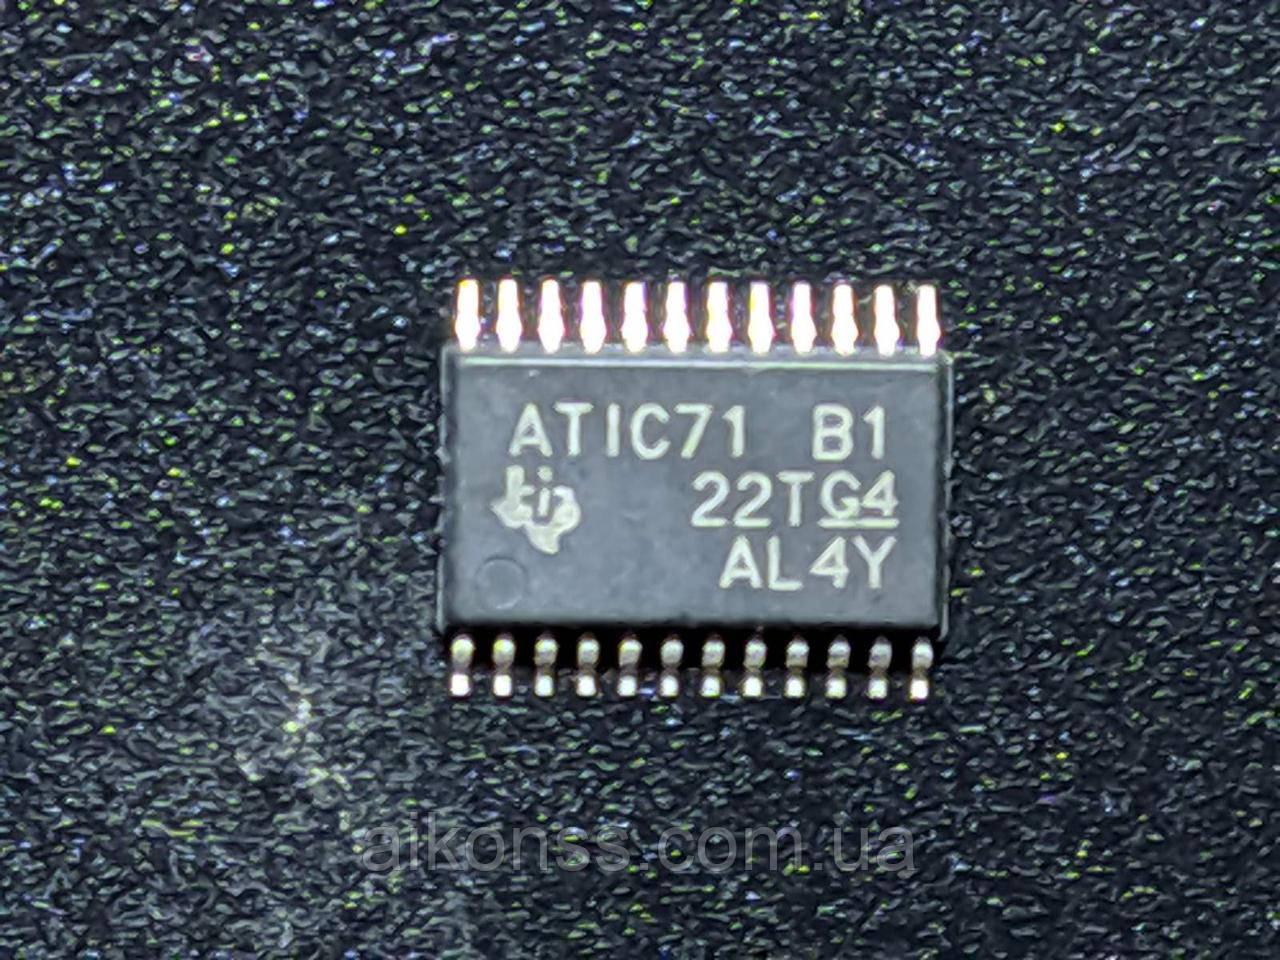 Мікросхема ATIC71 B1 для BMW 5 серії / драйвер управління запалювання